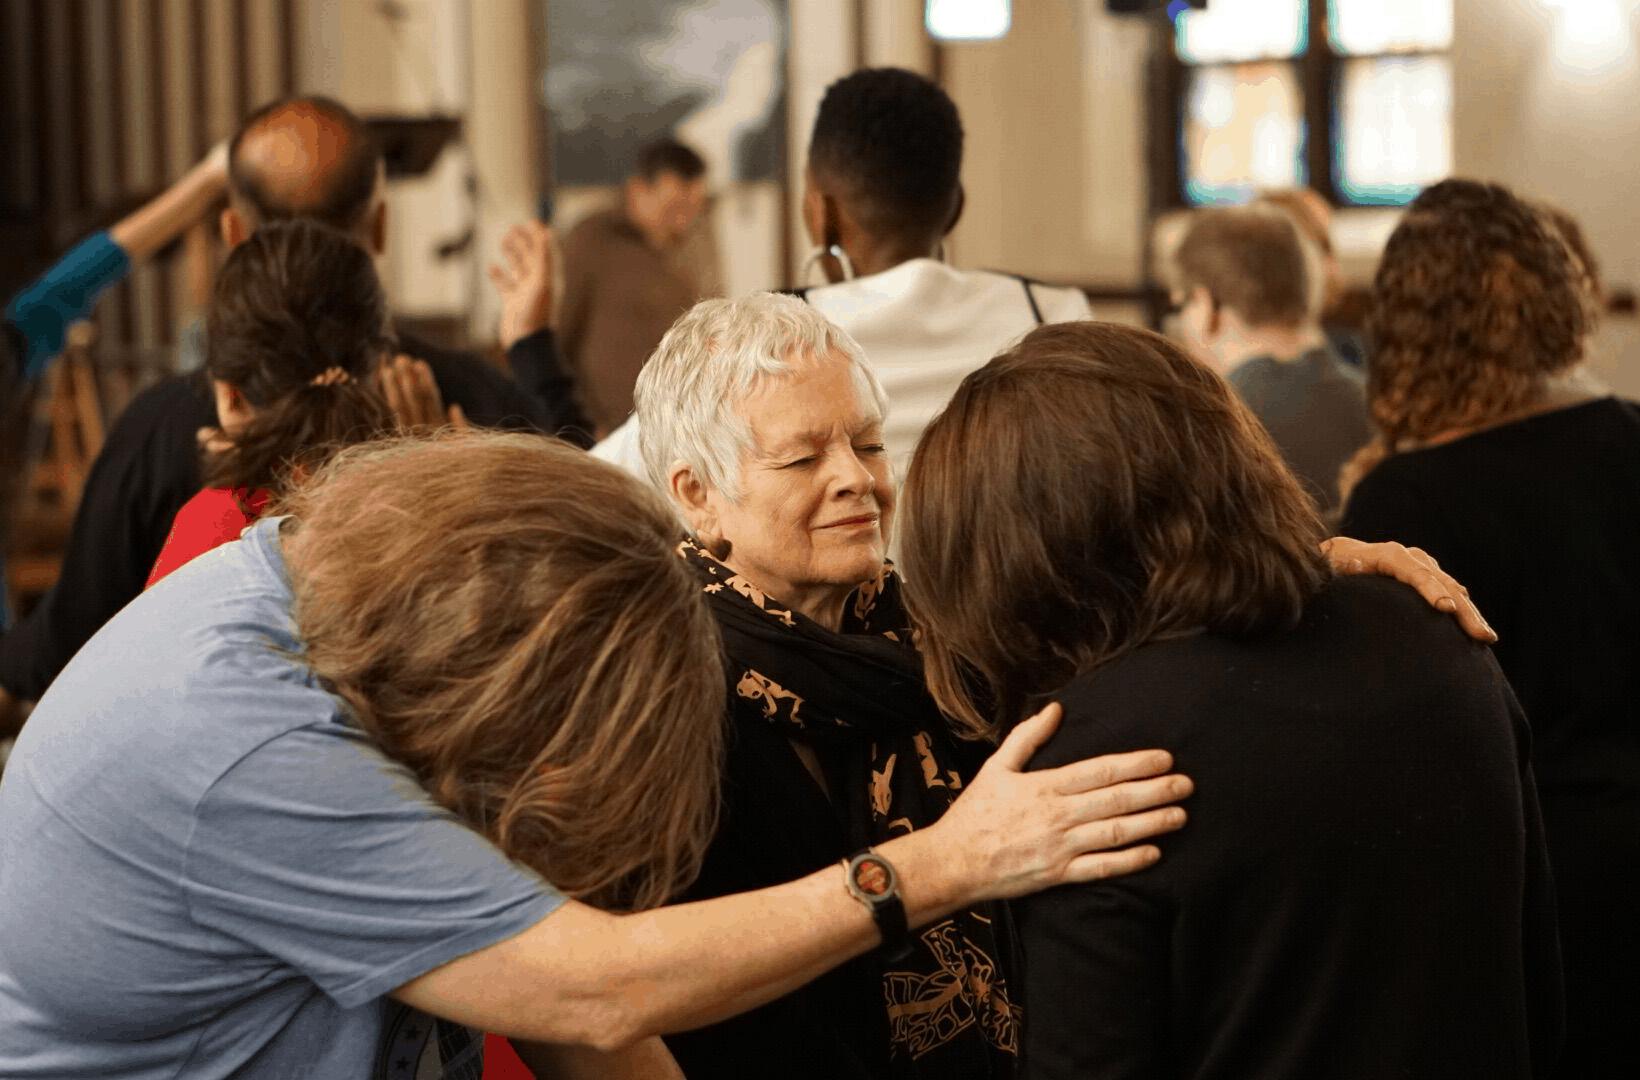 prayer together 2019